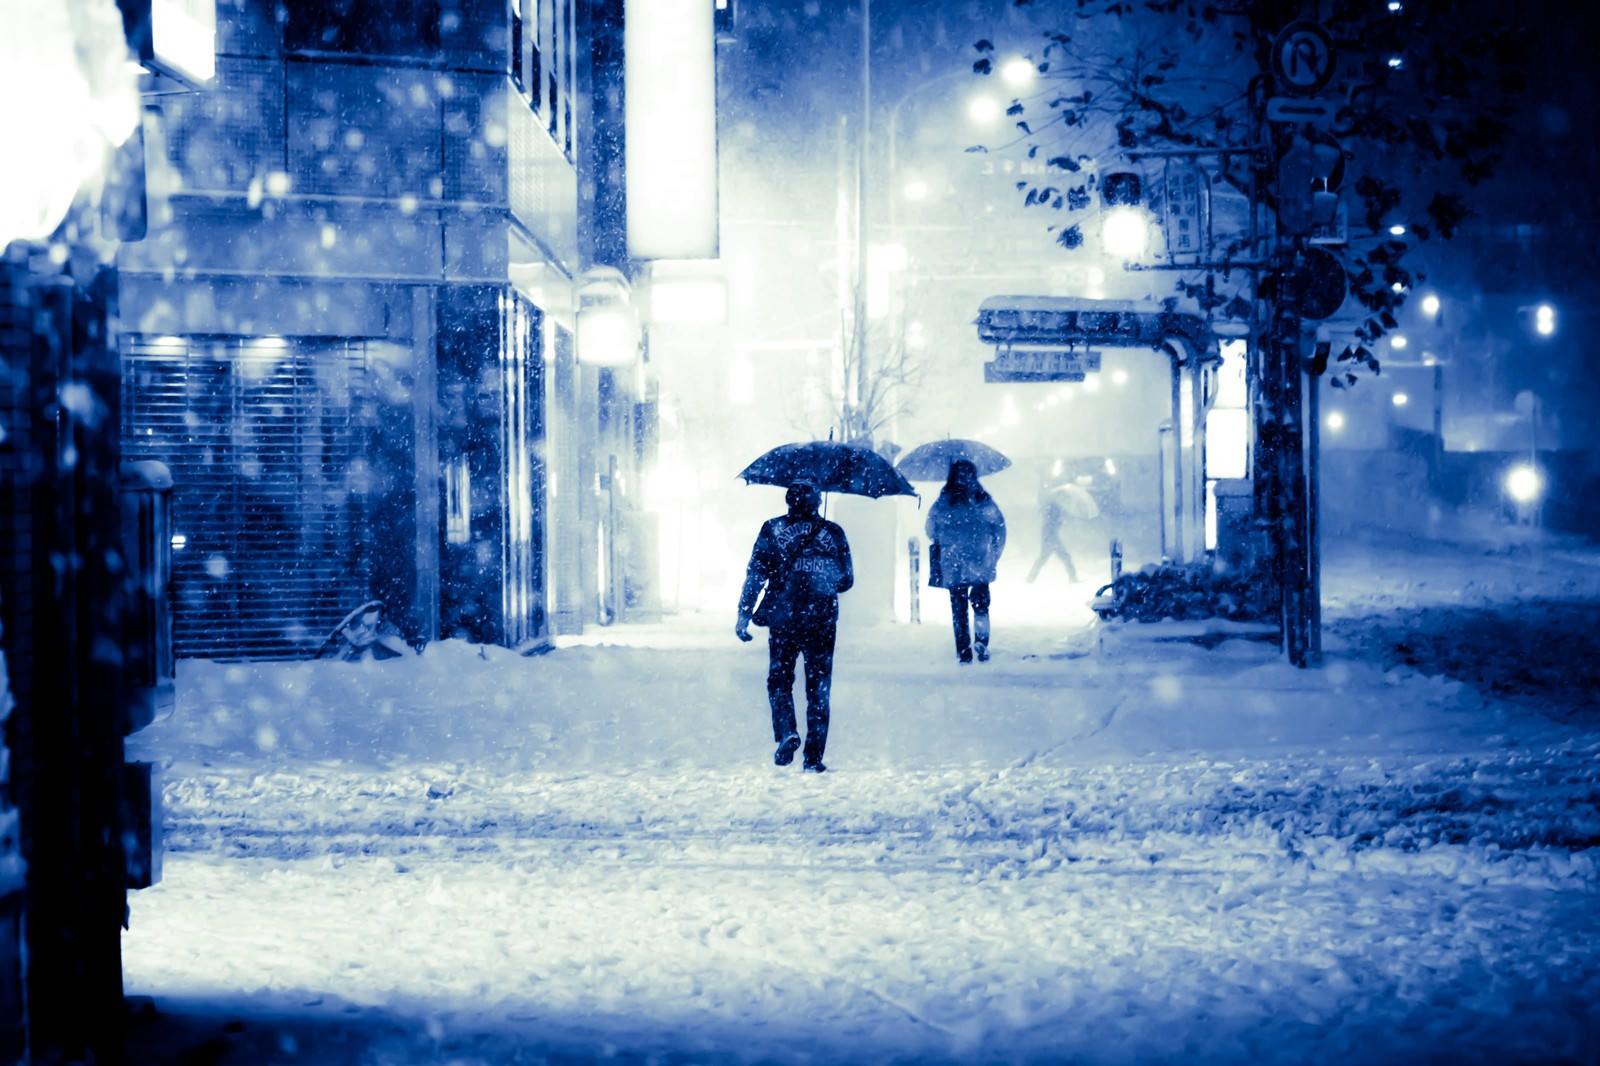 「積雪で電車が止まり傘を差して家路に向かう」の写真